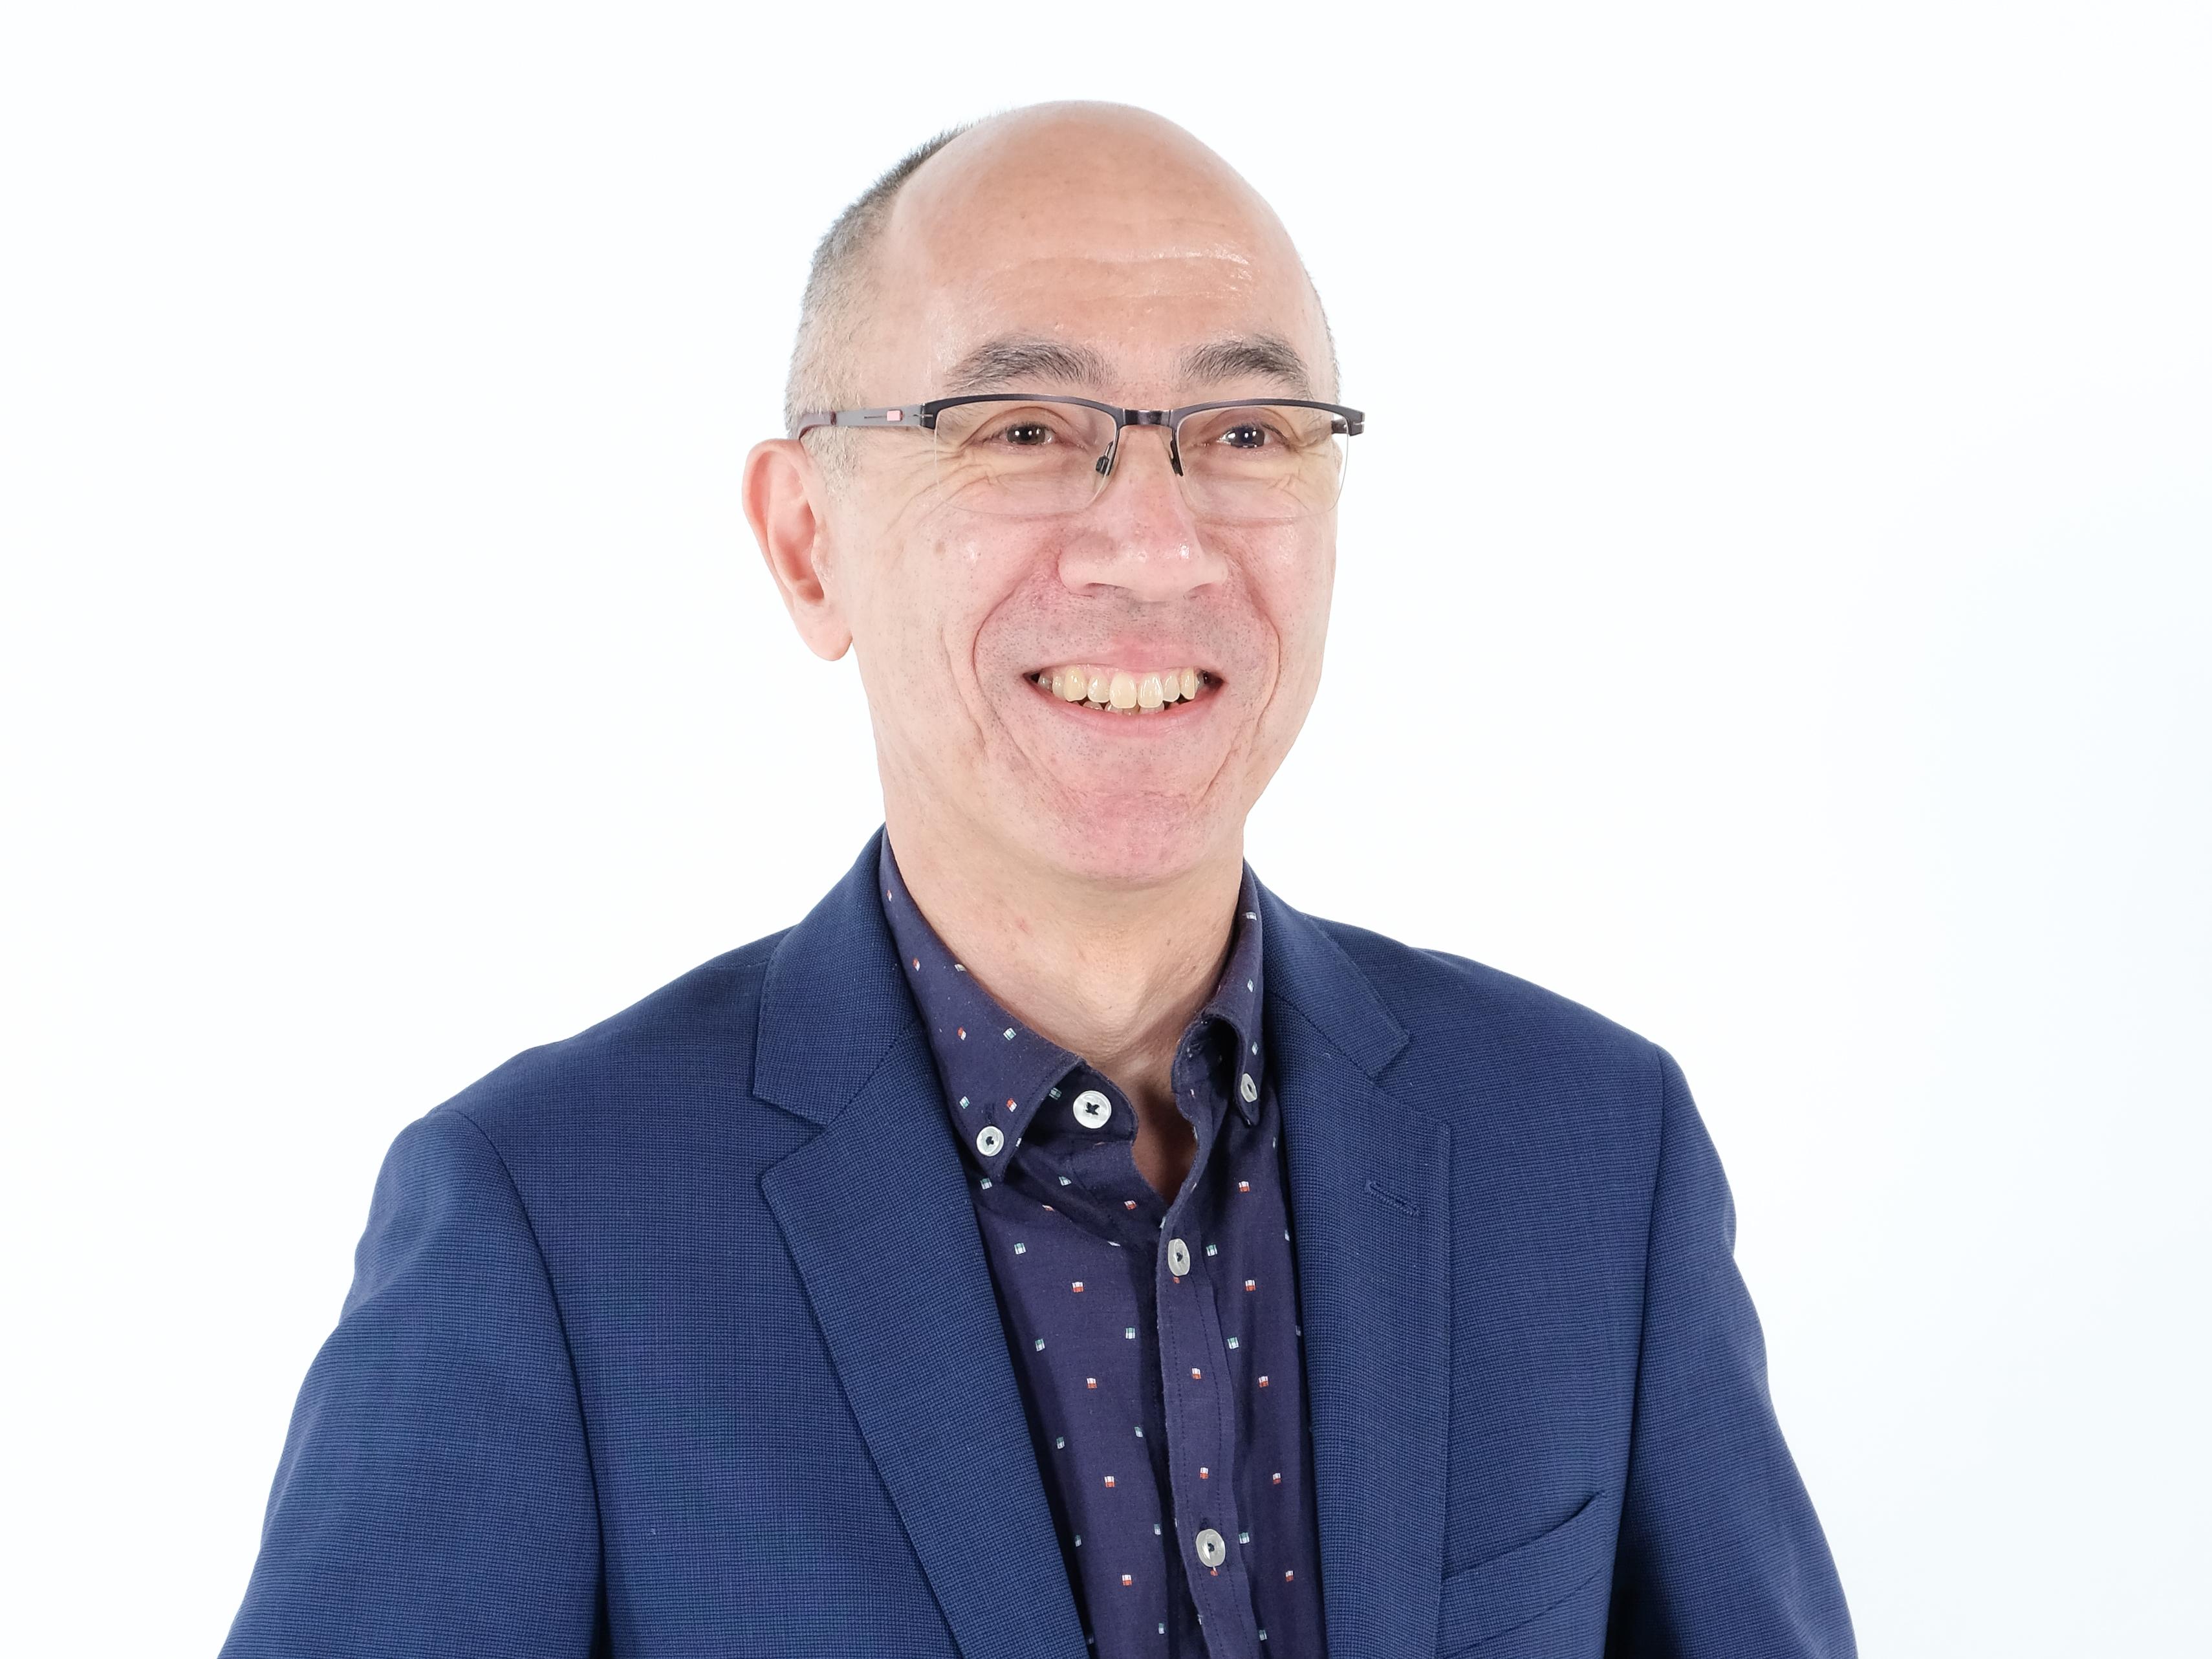 Profielfoto Francis Joung